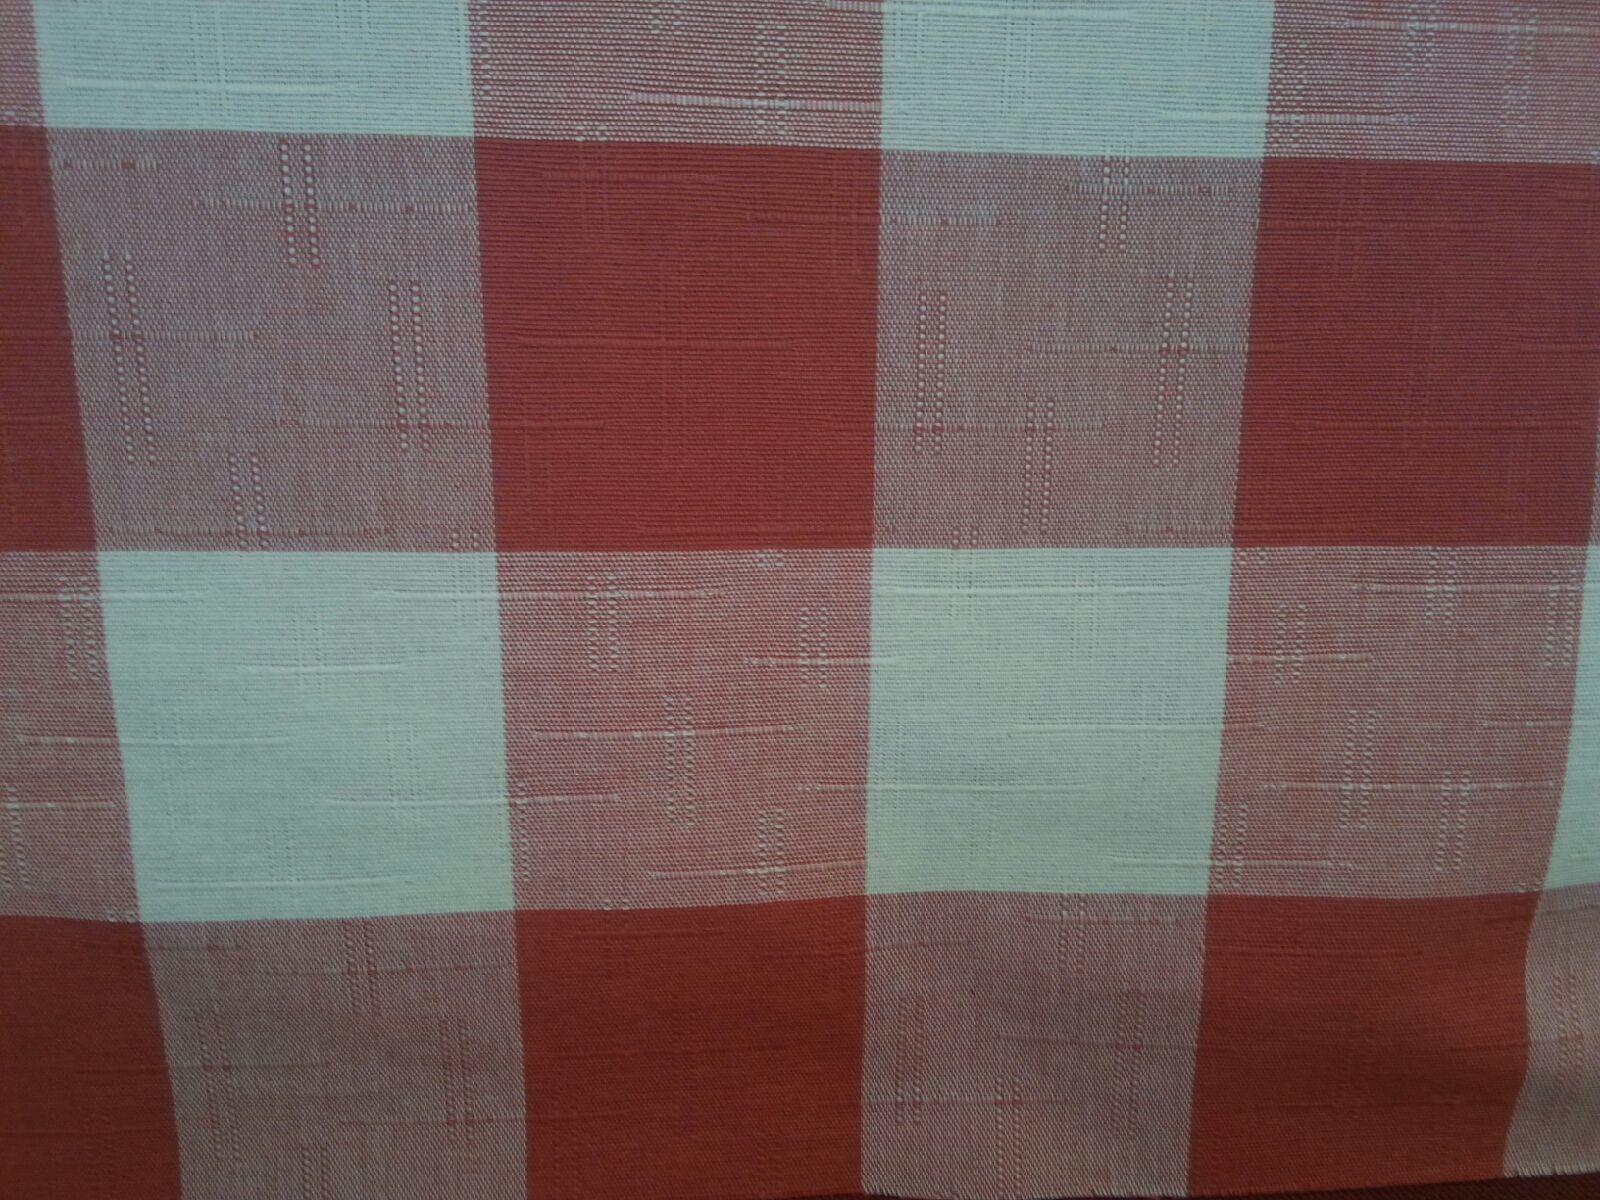 Tahoe Terry Poppy Buffalo Check Fabric